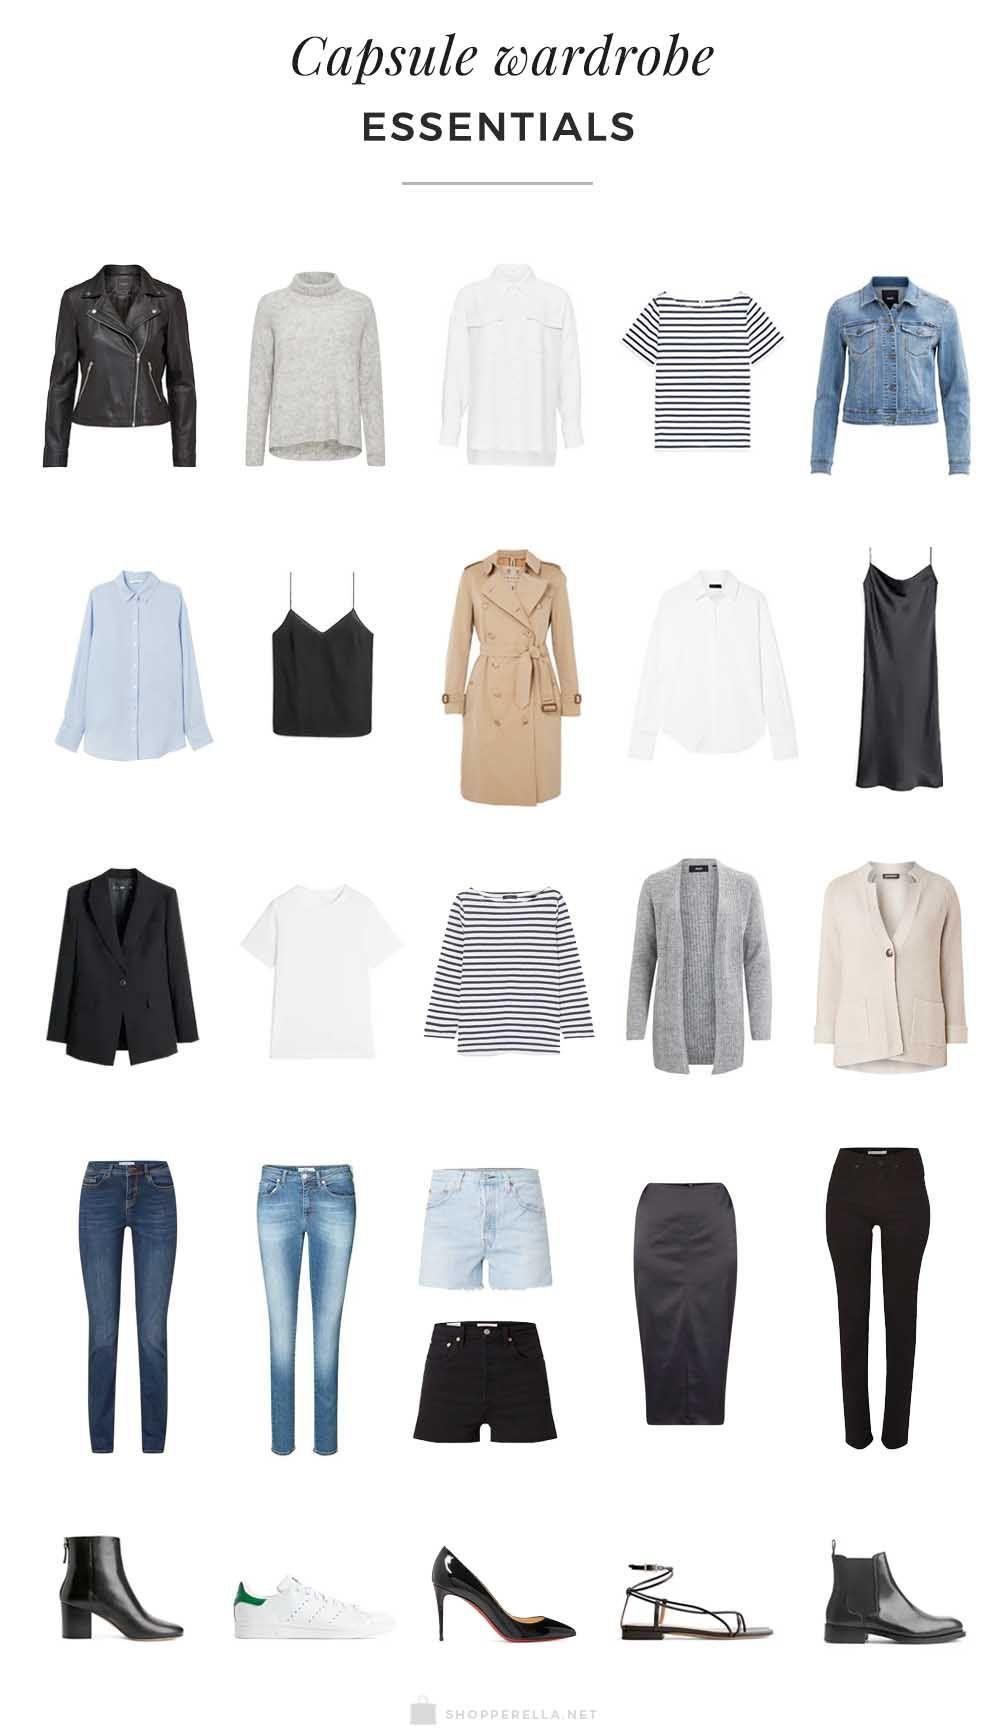 Waaruit Bestaat Een Capsule Garderobe In 2020 Capsule Wardrobe Essentials List Capsule Wardrobe Capsule Wardrobe Essentials